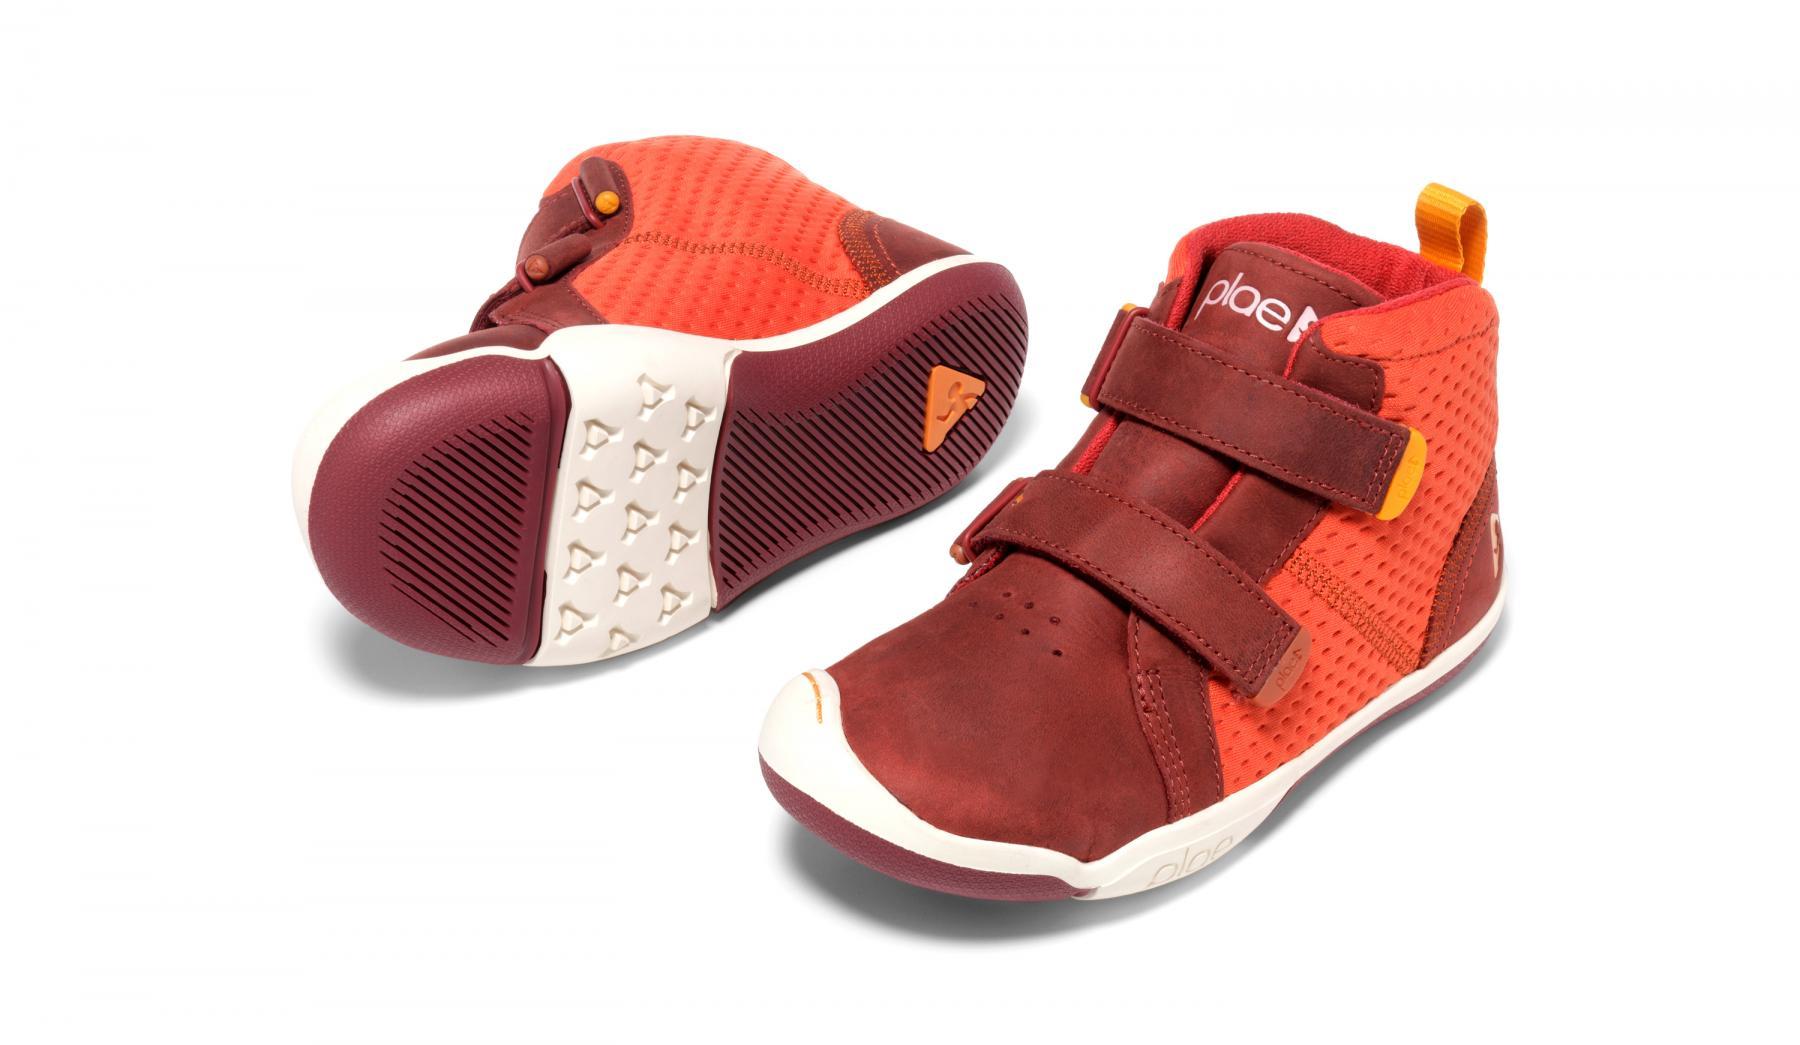 Max_Offworld_Red_Orange_pair